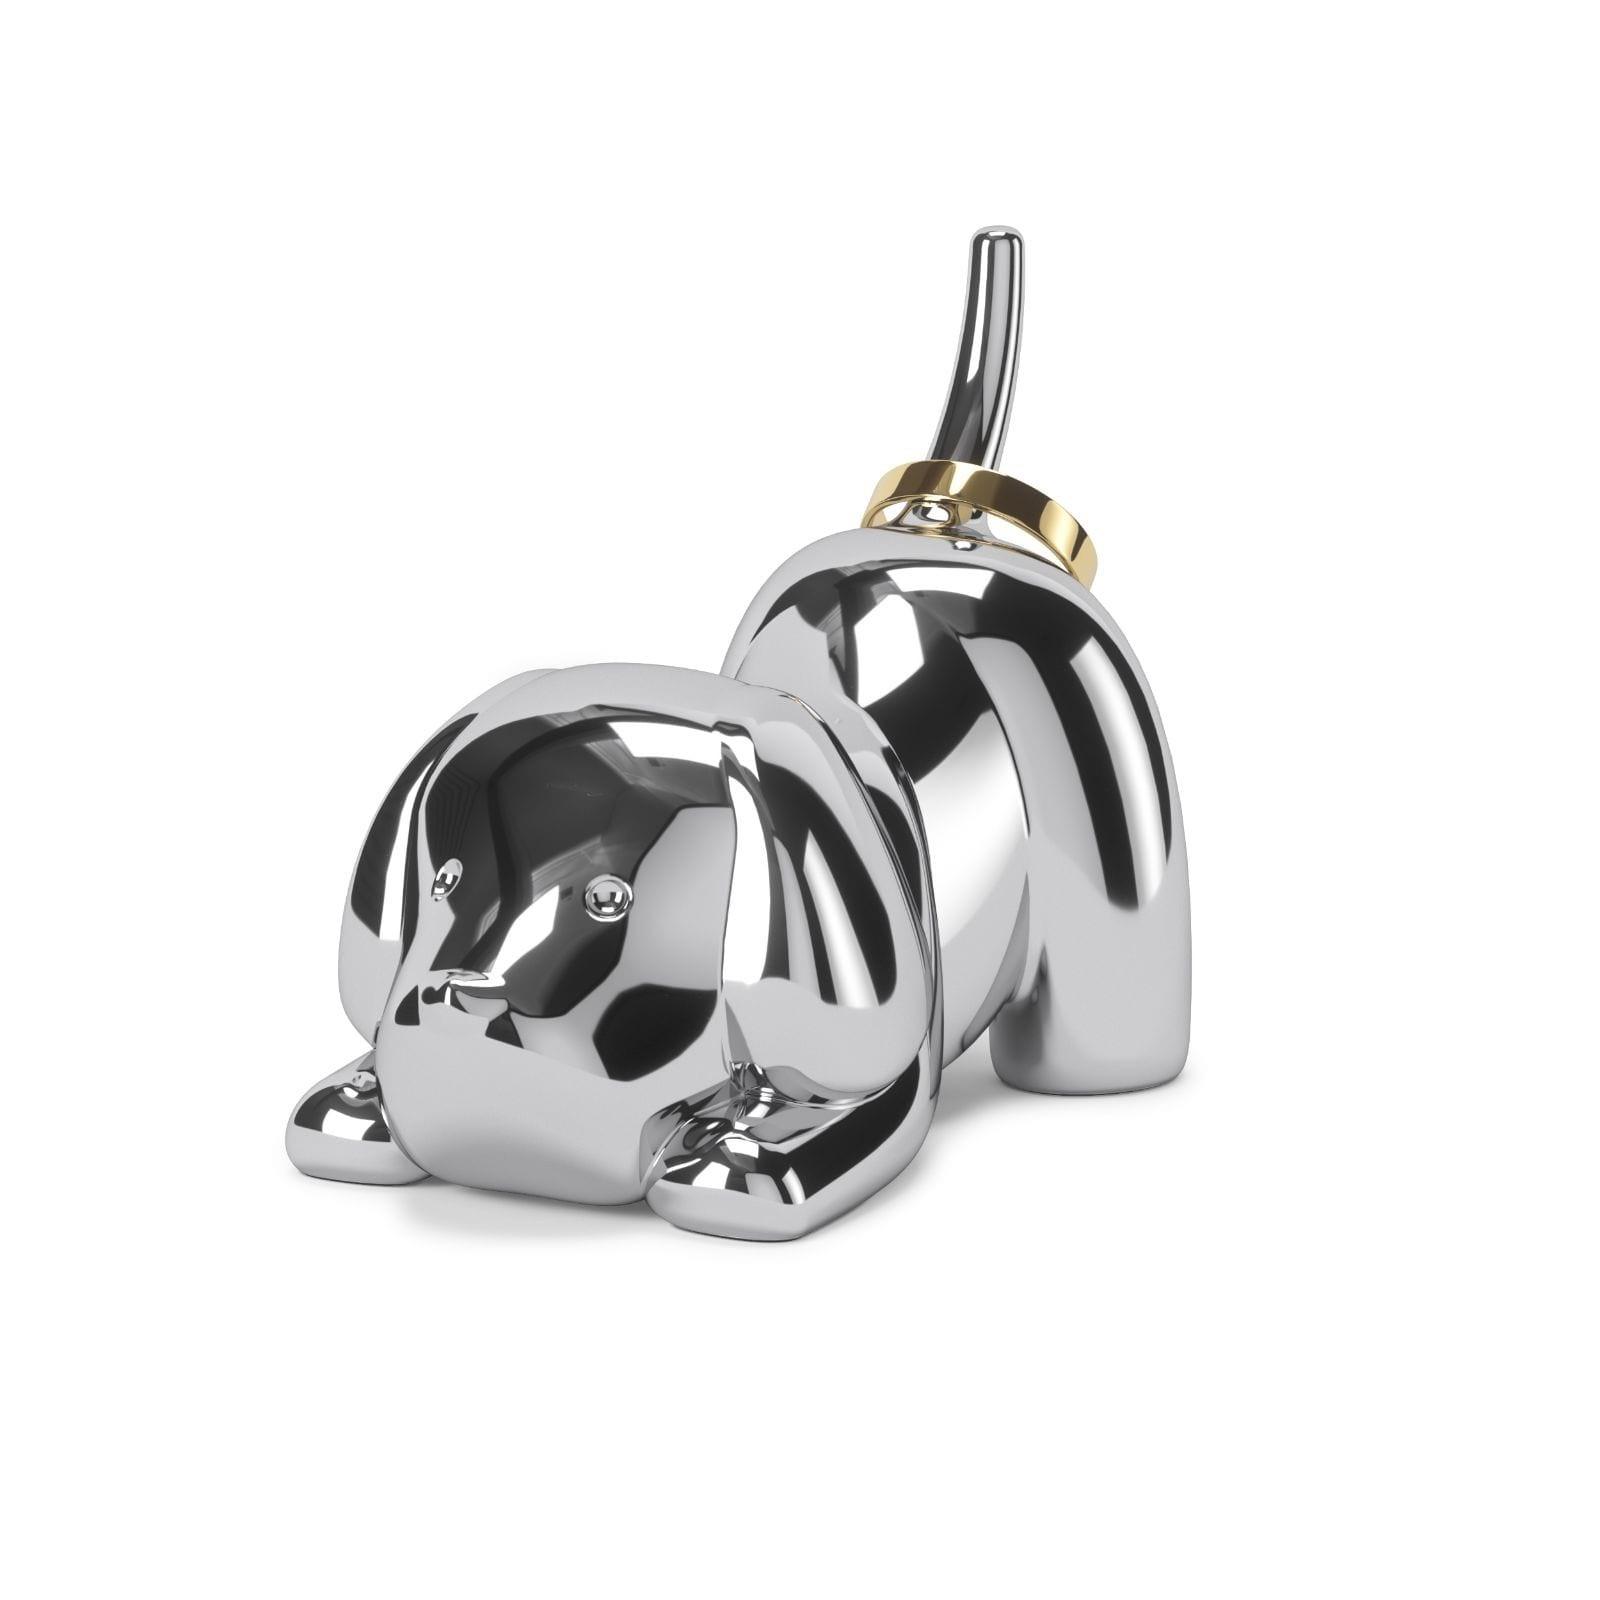 Θήκη για Δαχτυλίδια Zoola Puppy (Χρώμιο) - Umbra